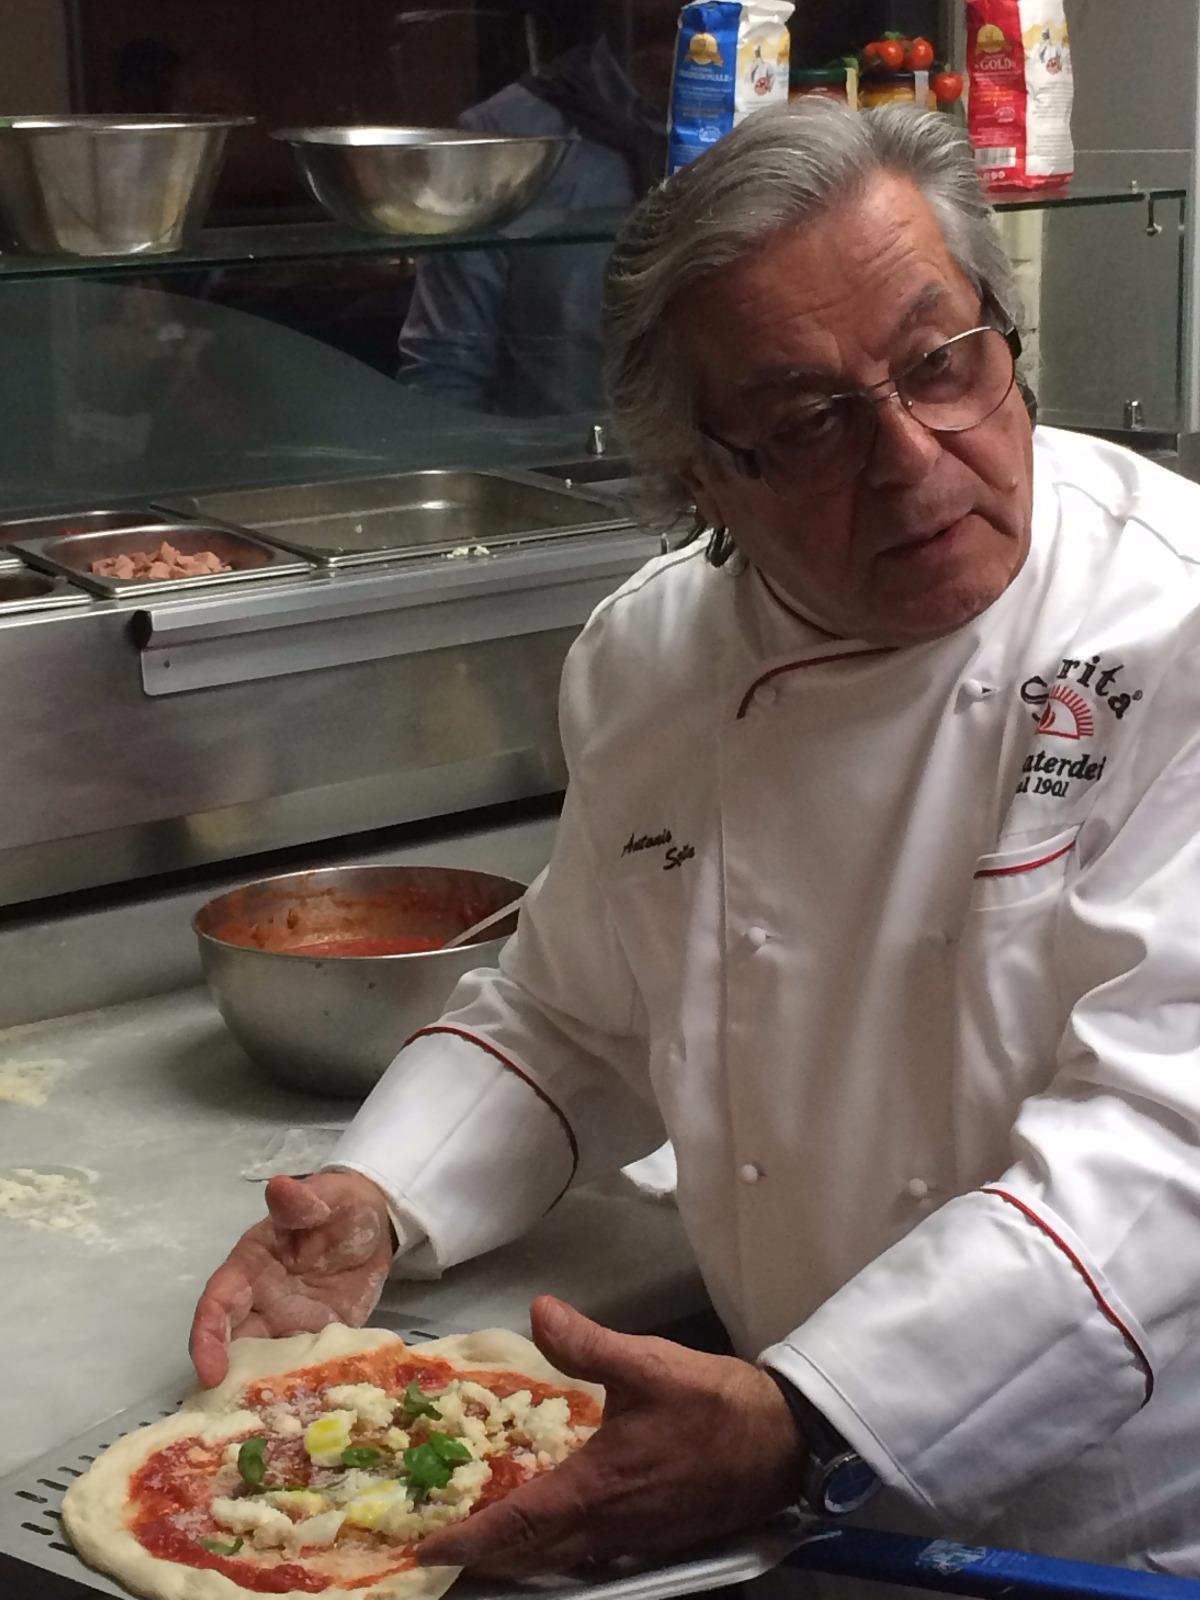 In via del Fosso Macinate a Firenze, al Fosso Bandito ha aperto La buoneria, la pizzeria napoletana family friendly nel parco delle Cascine.